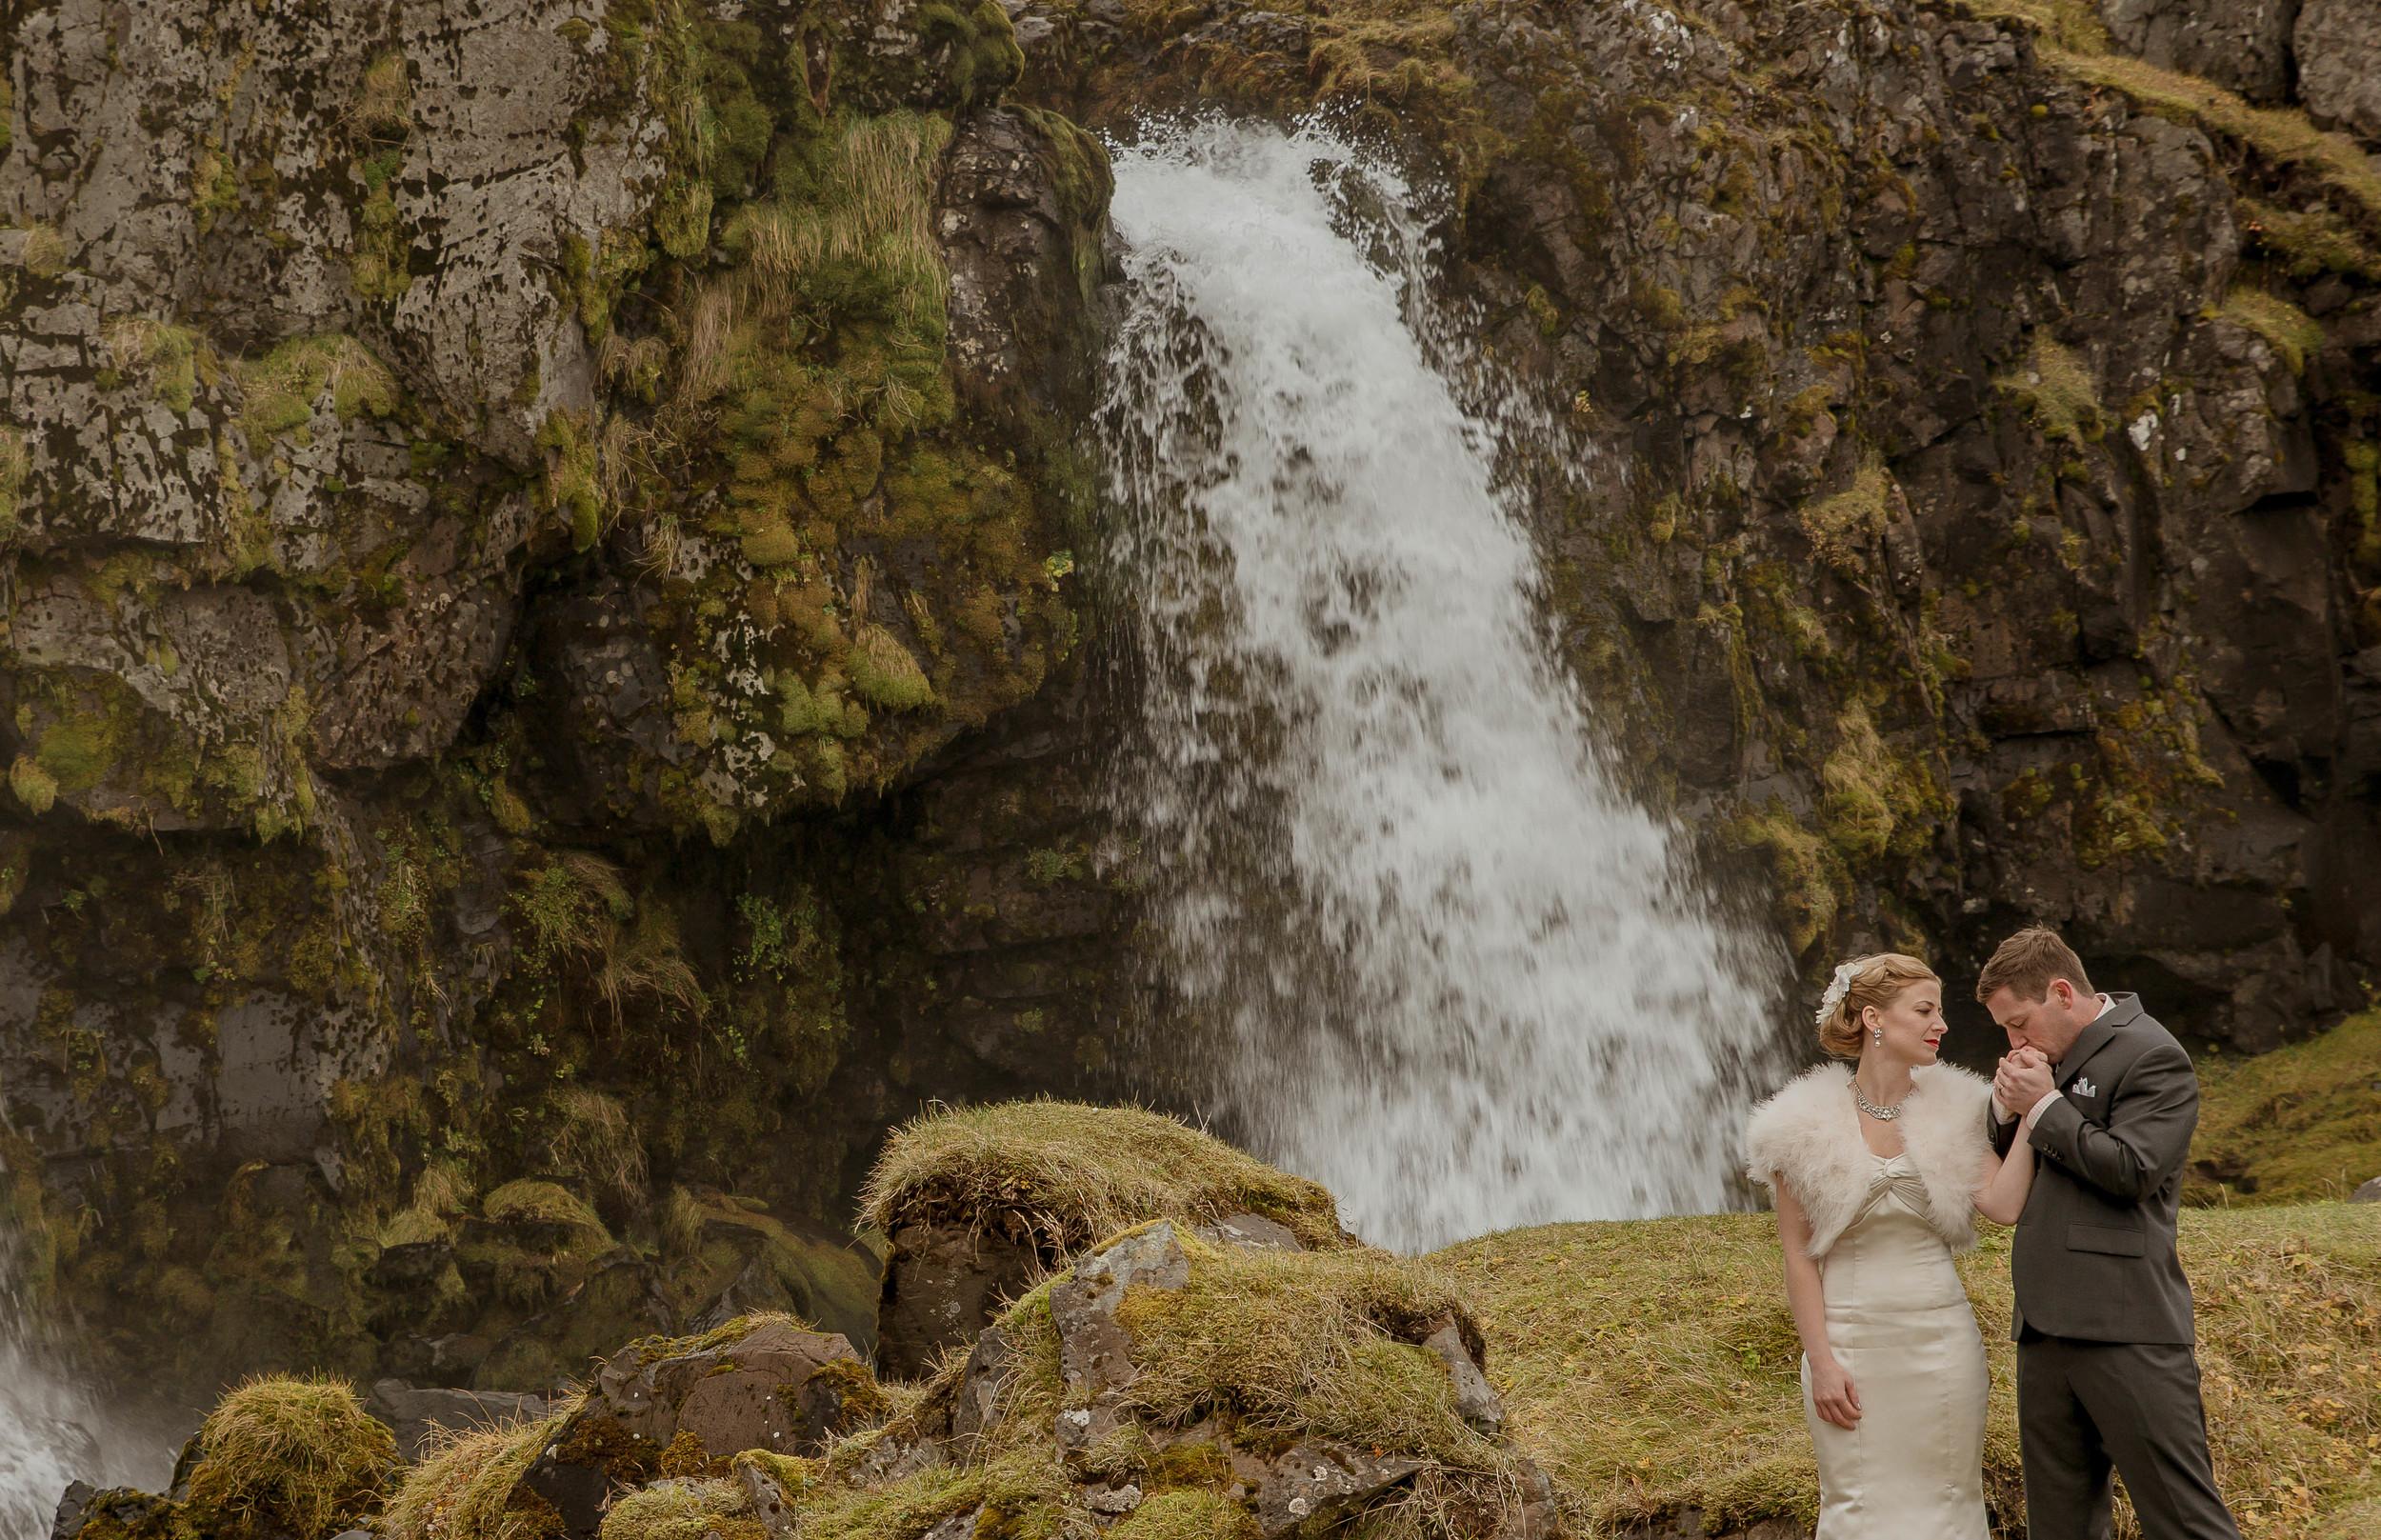 Iceland-Wedding-Photographer-Photos-by-Miss-Ann-18.jpg